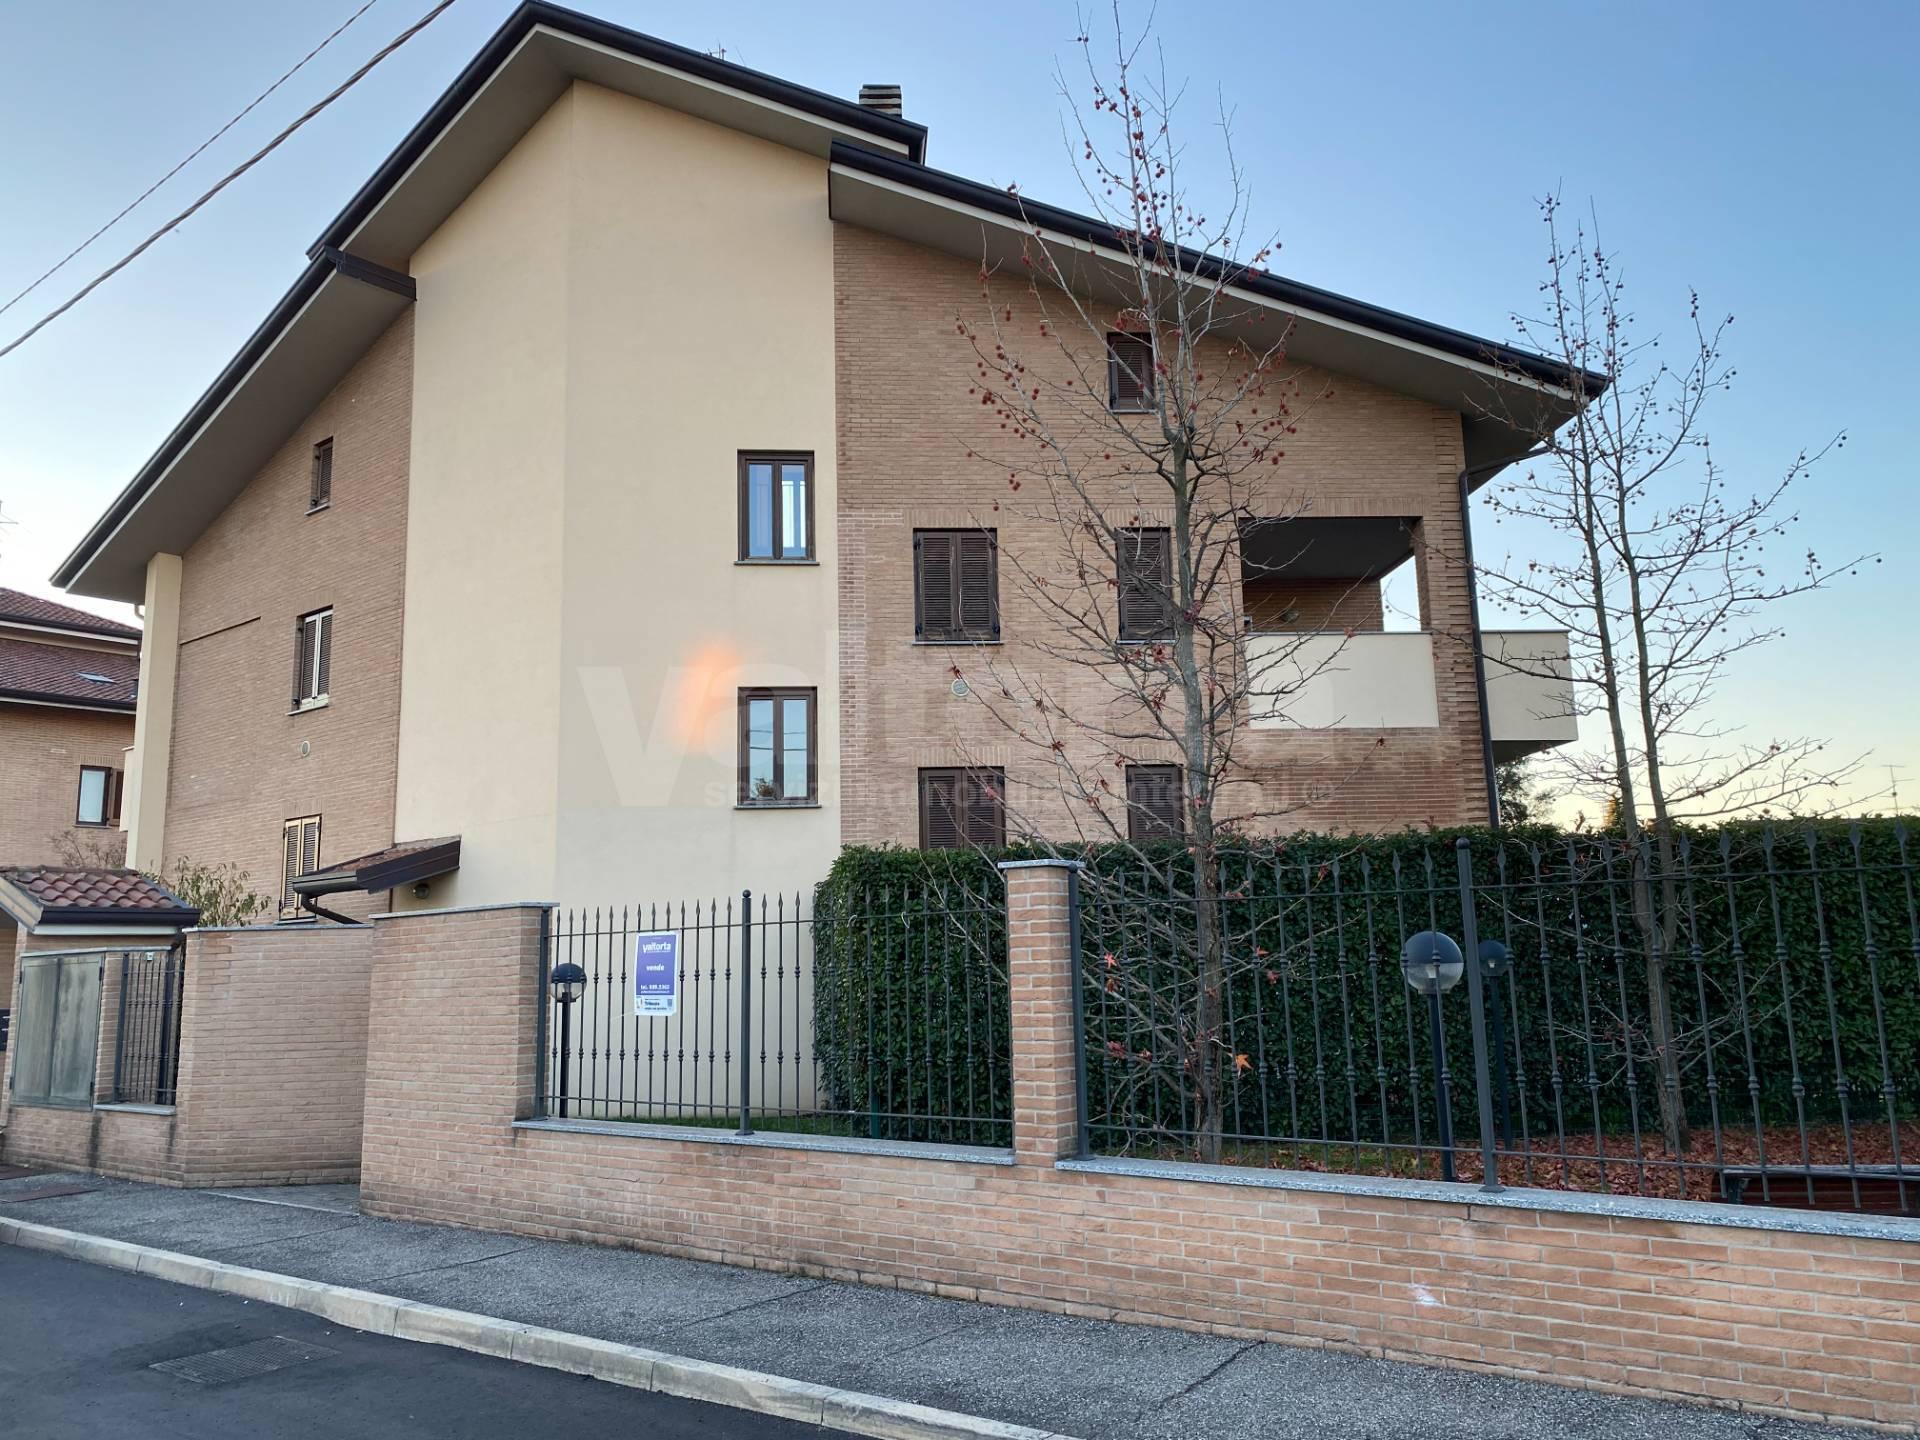 Appartamento in vendita a Misinto, 3 locali, prezzo € 211.000 | PortaleAgenzieImmobiliari.it